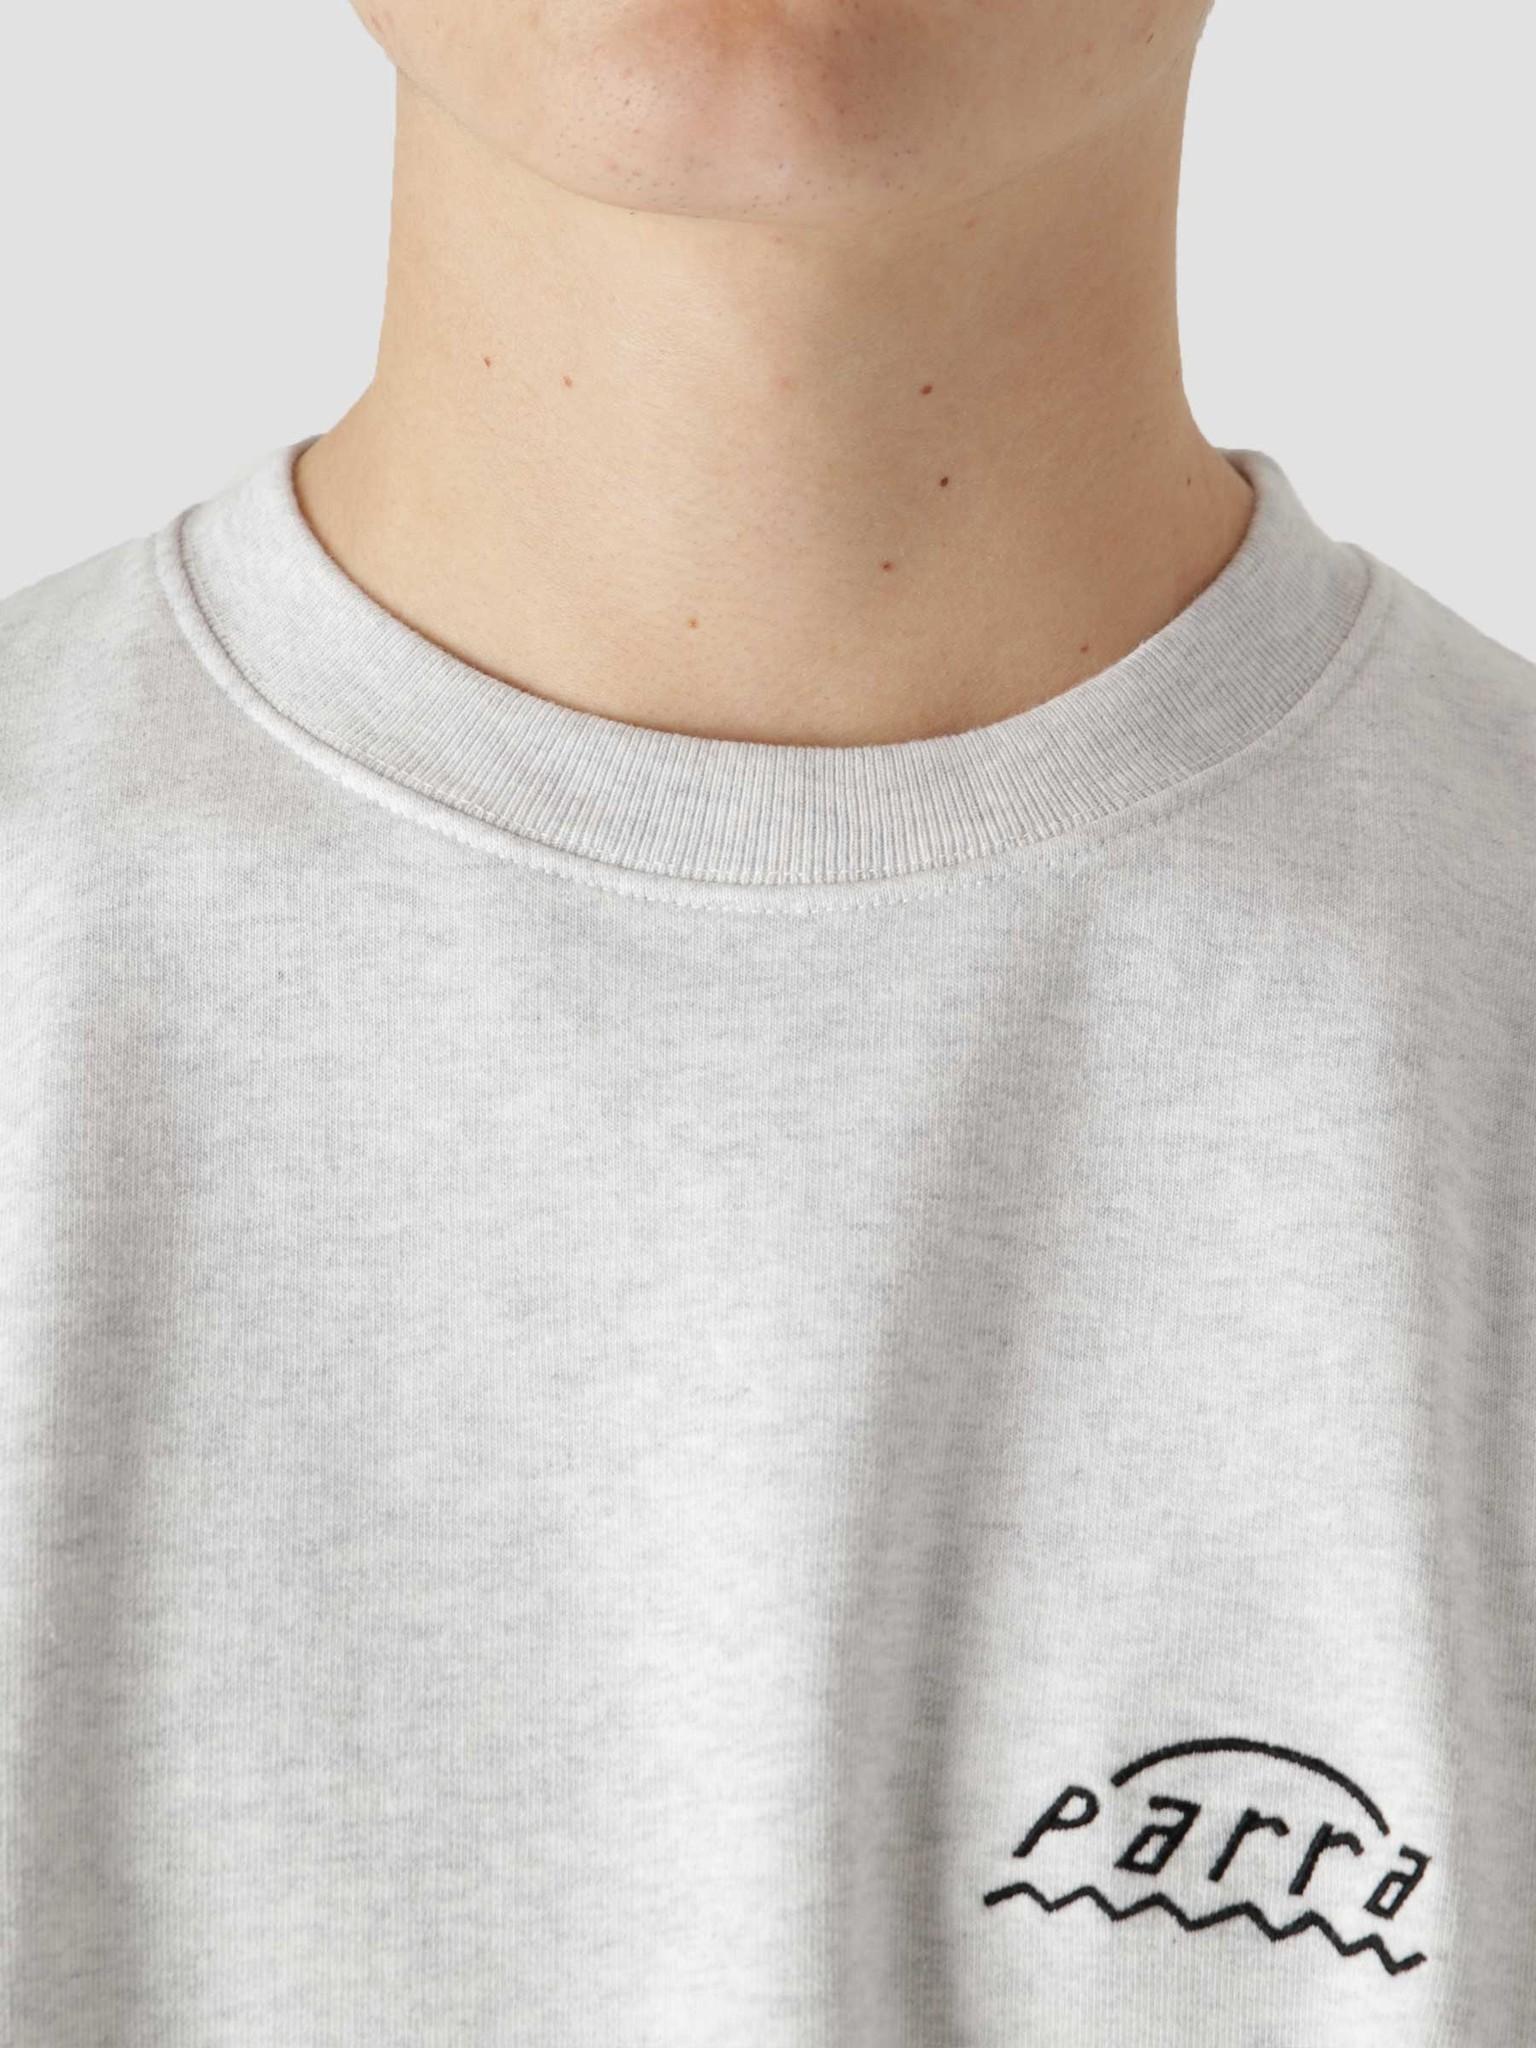 by Parra by Parra Arch Logo Sweatshirt Ash Grey 45490